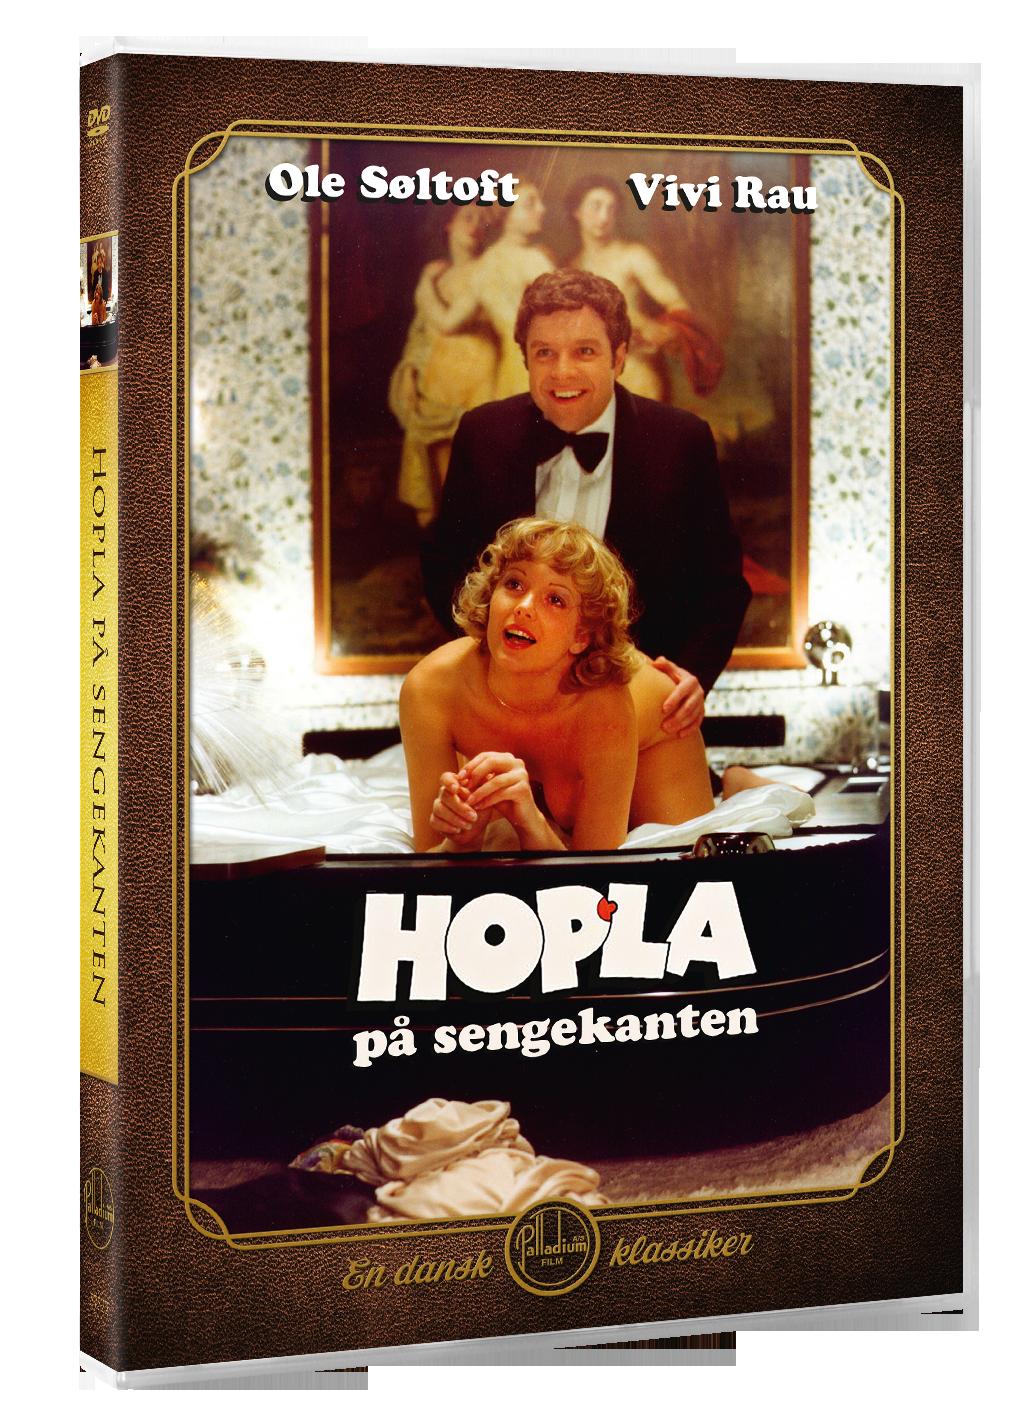 Hopla på sengekanten - DVD